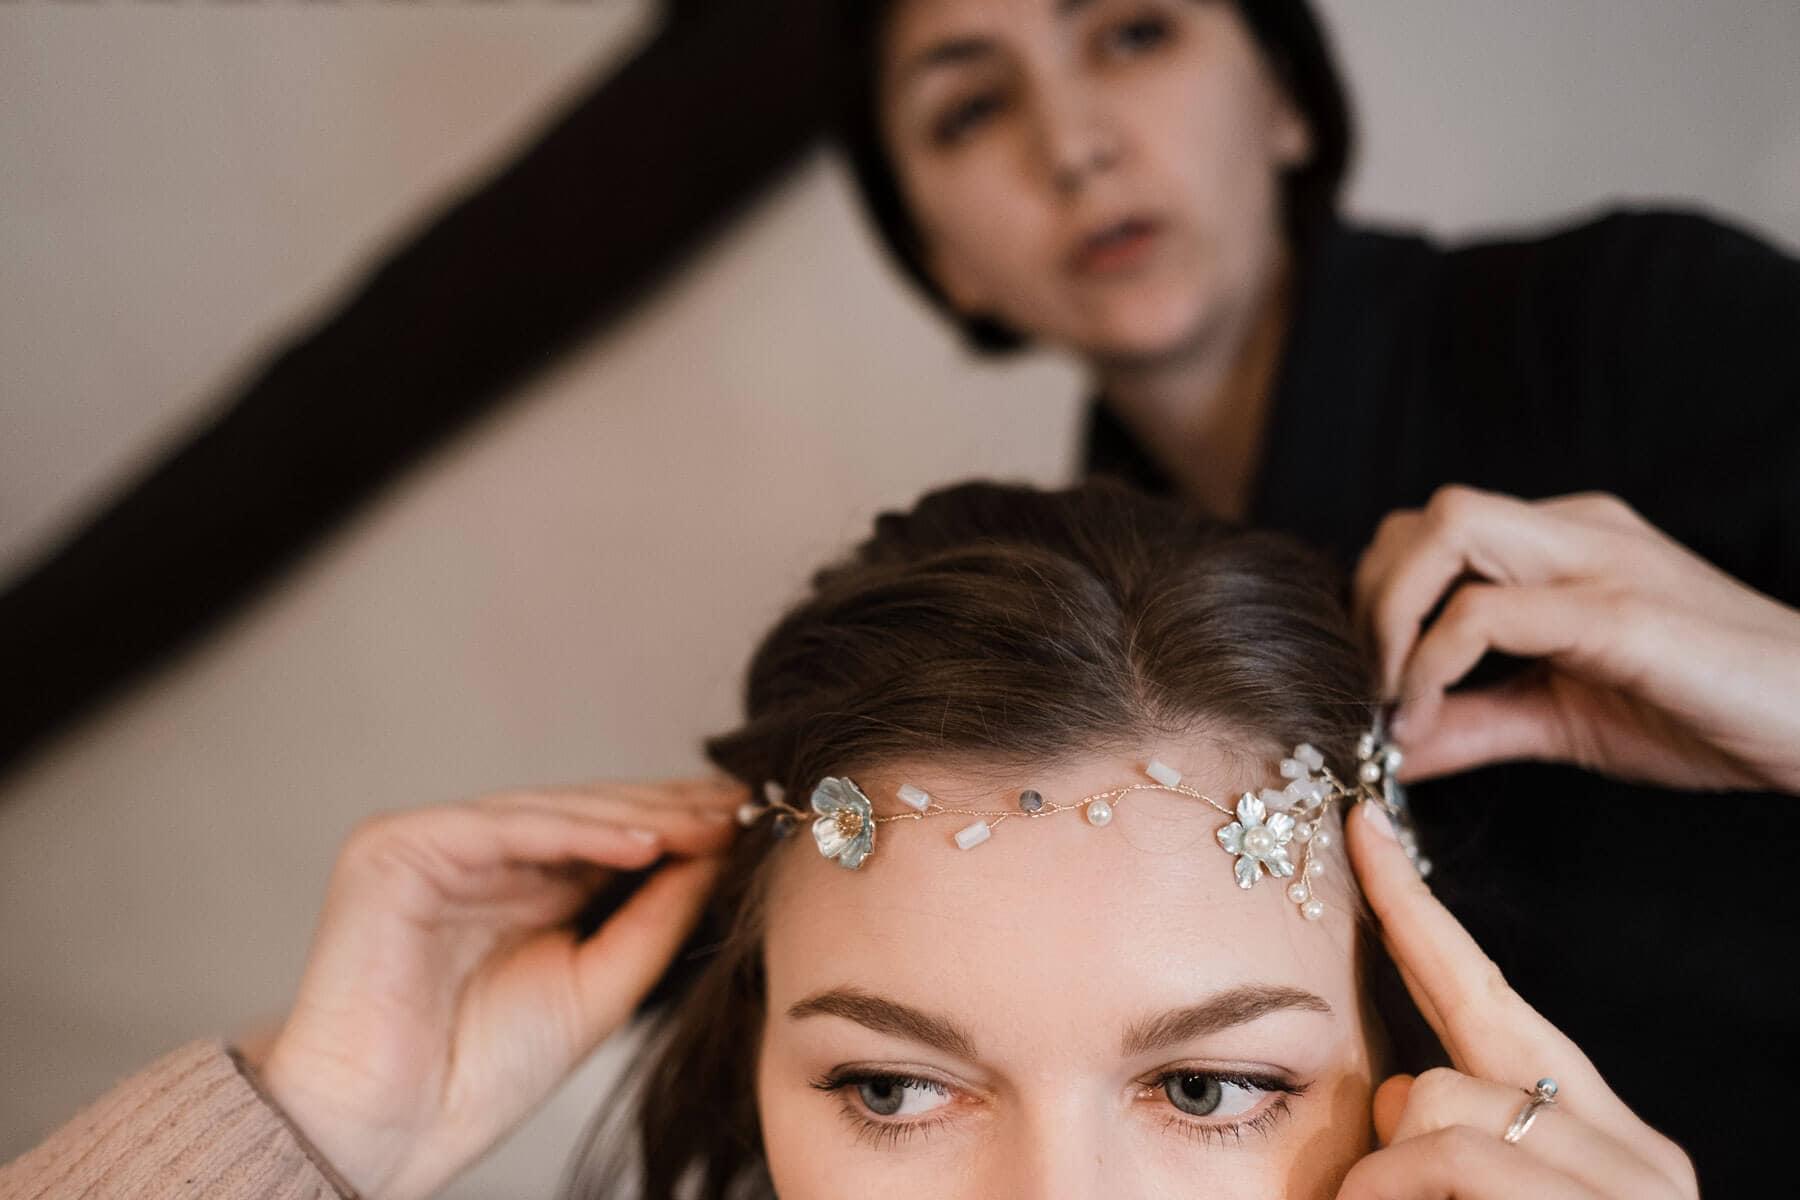 die Braut trägt ein Stirnreif mit kleinen Blumen und Steinen, sie hält den Reif mit beiden Händen fest, hinter ihr steht eine Frau, die ihr den Reif richtet